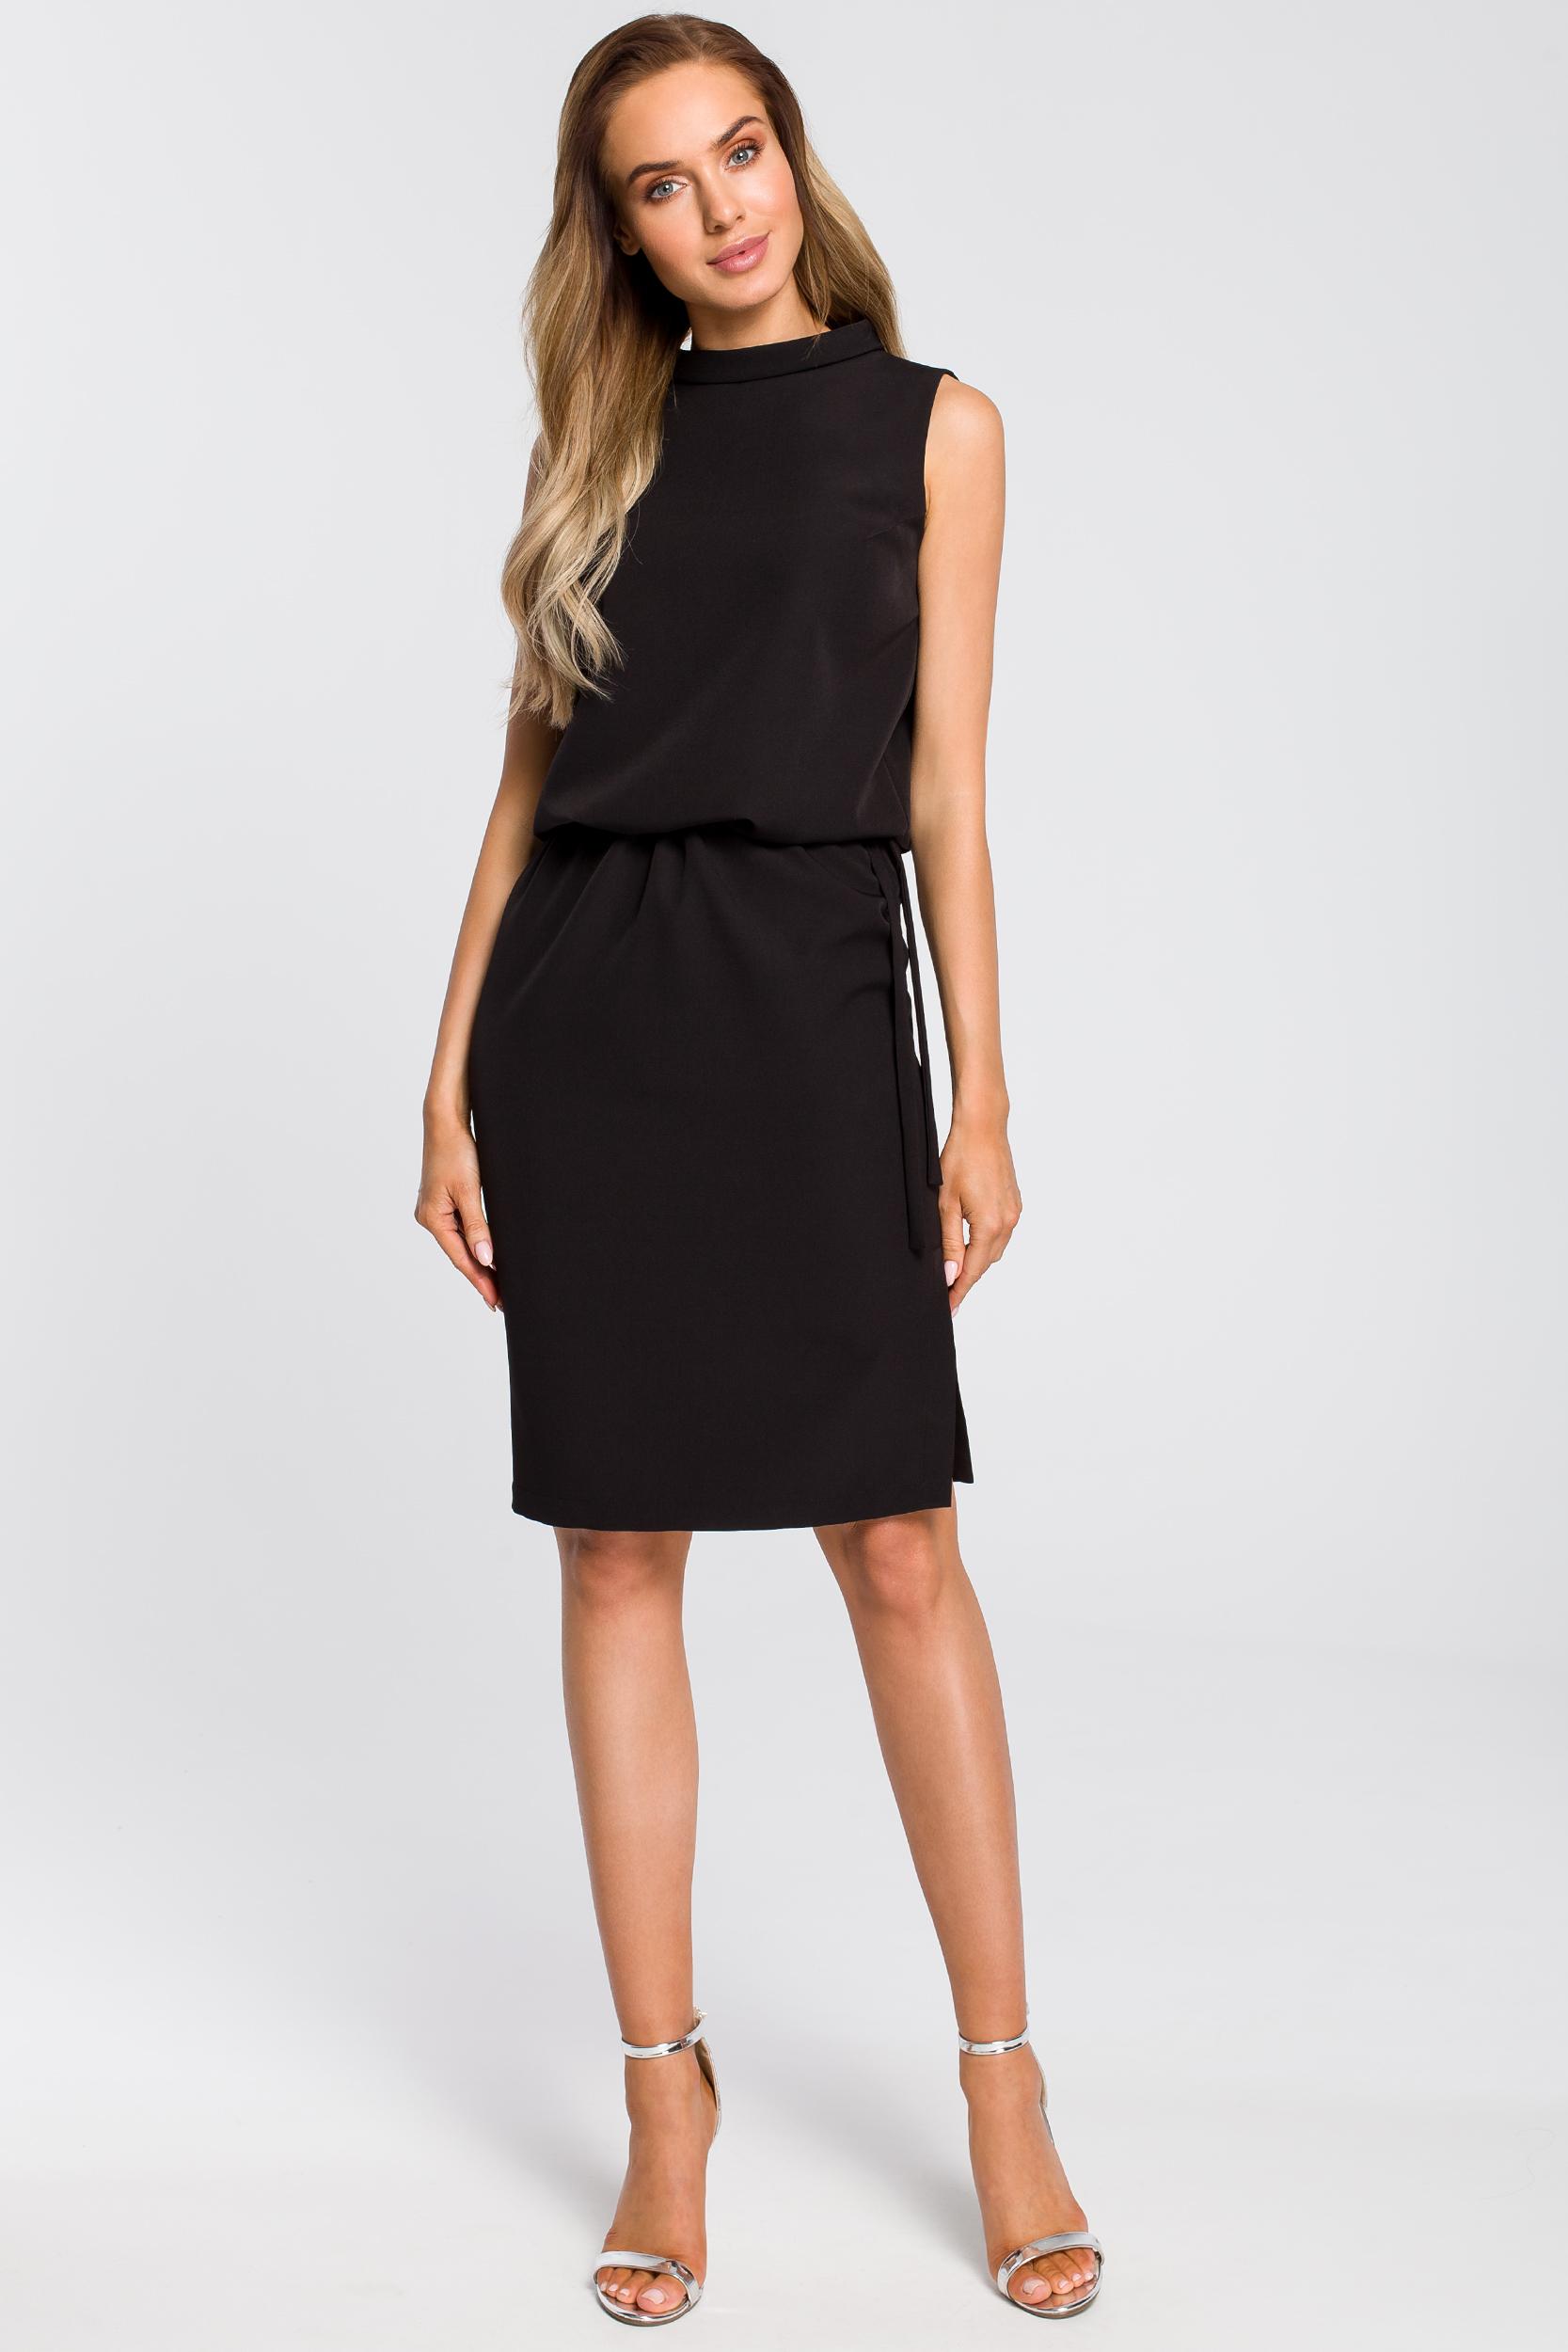 CM4104 Elegancka sukienka z rozcięciem na plecach - czarna